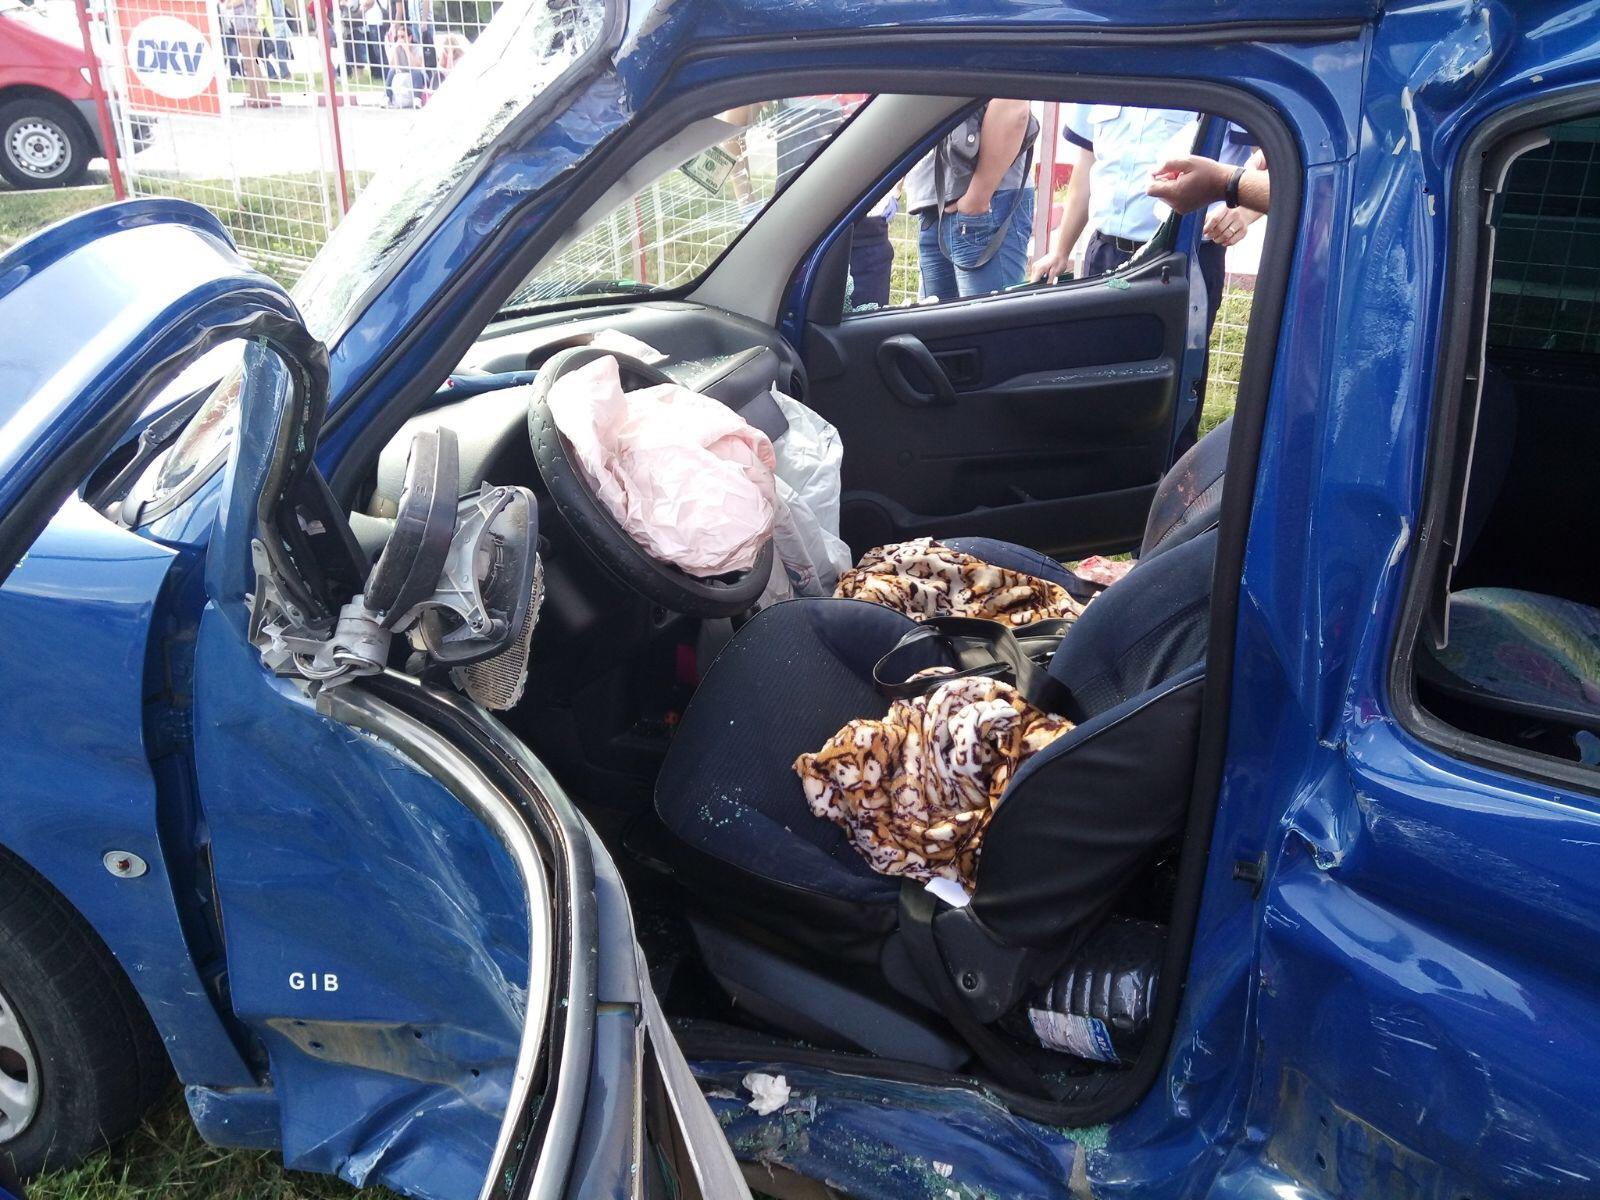 FOTO | Accident grav între un autocar plin cu muncitori şi o maşină. O persoană a fost rănită